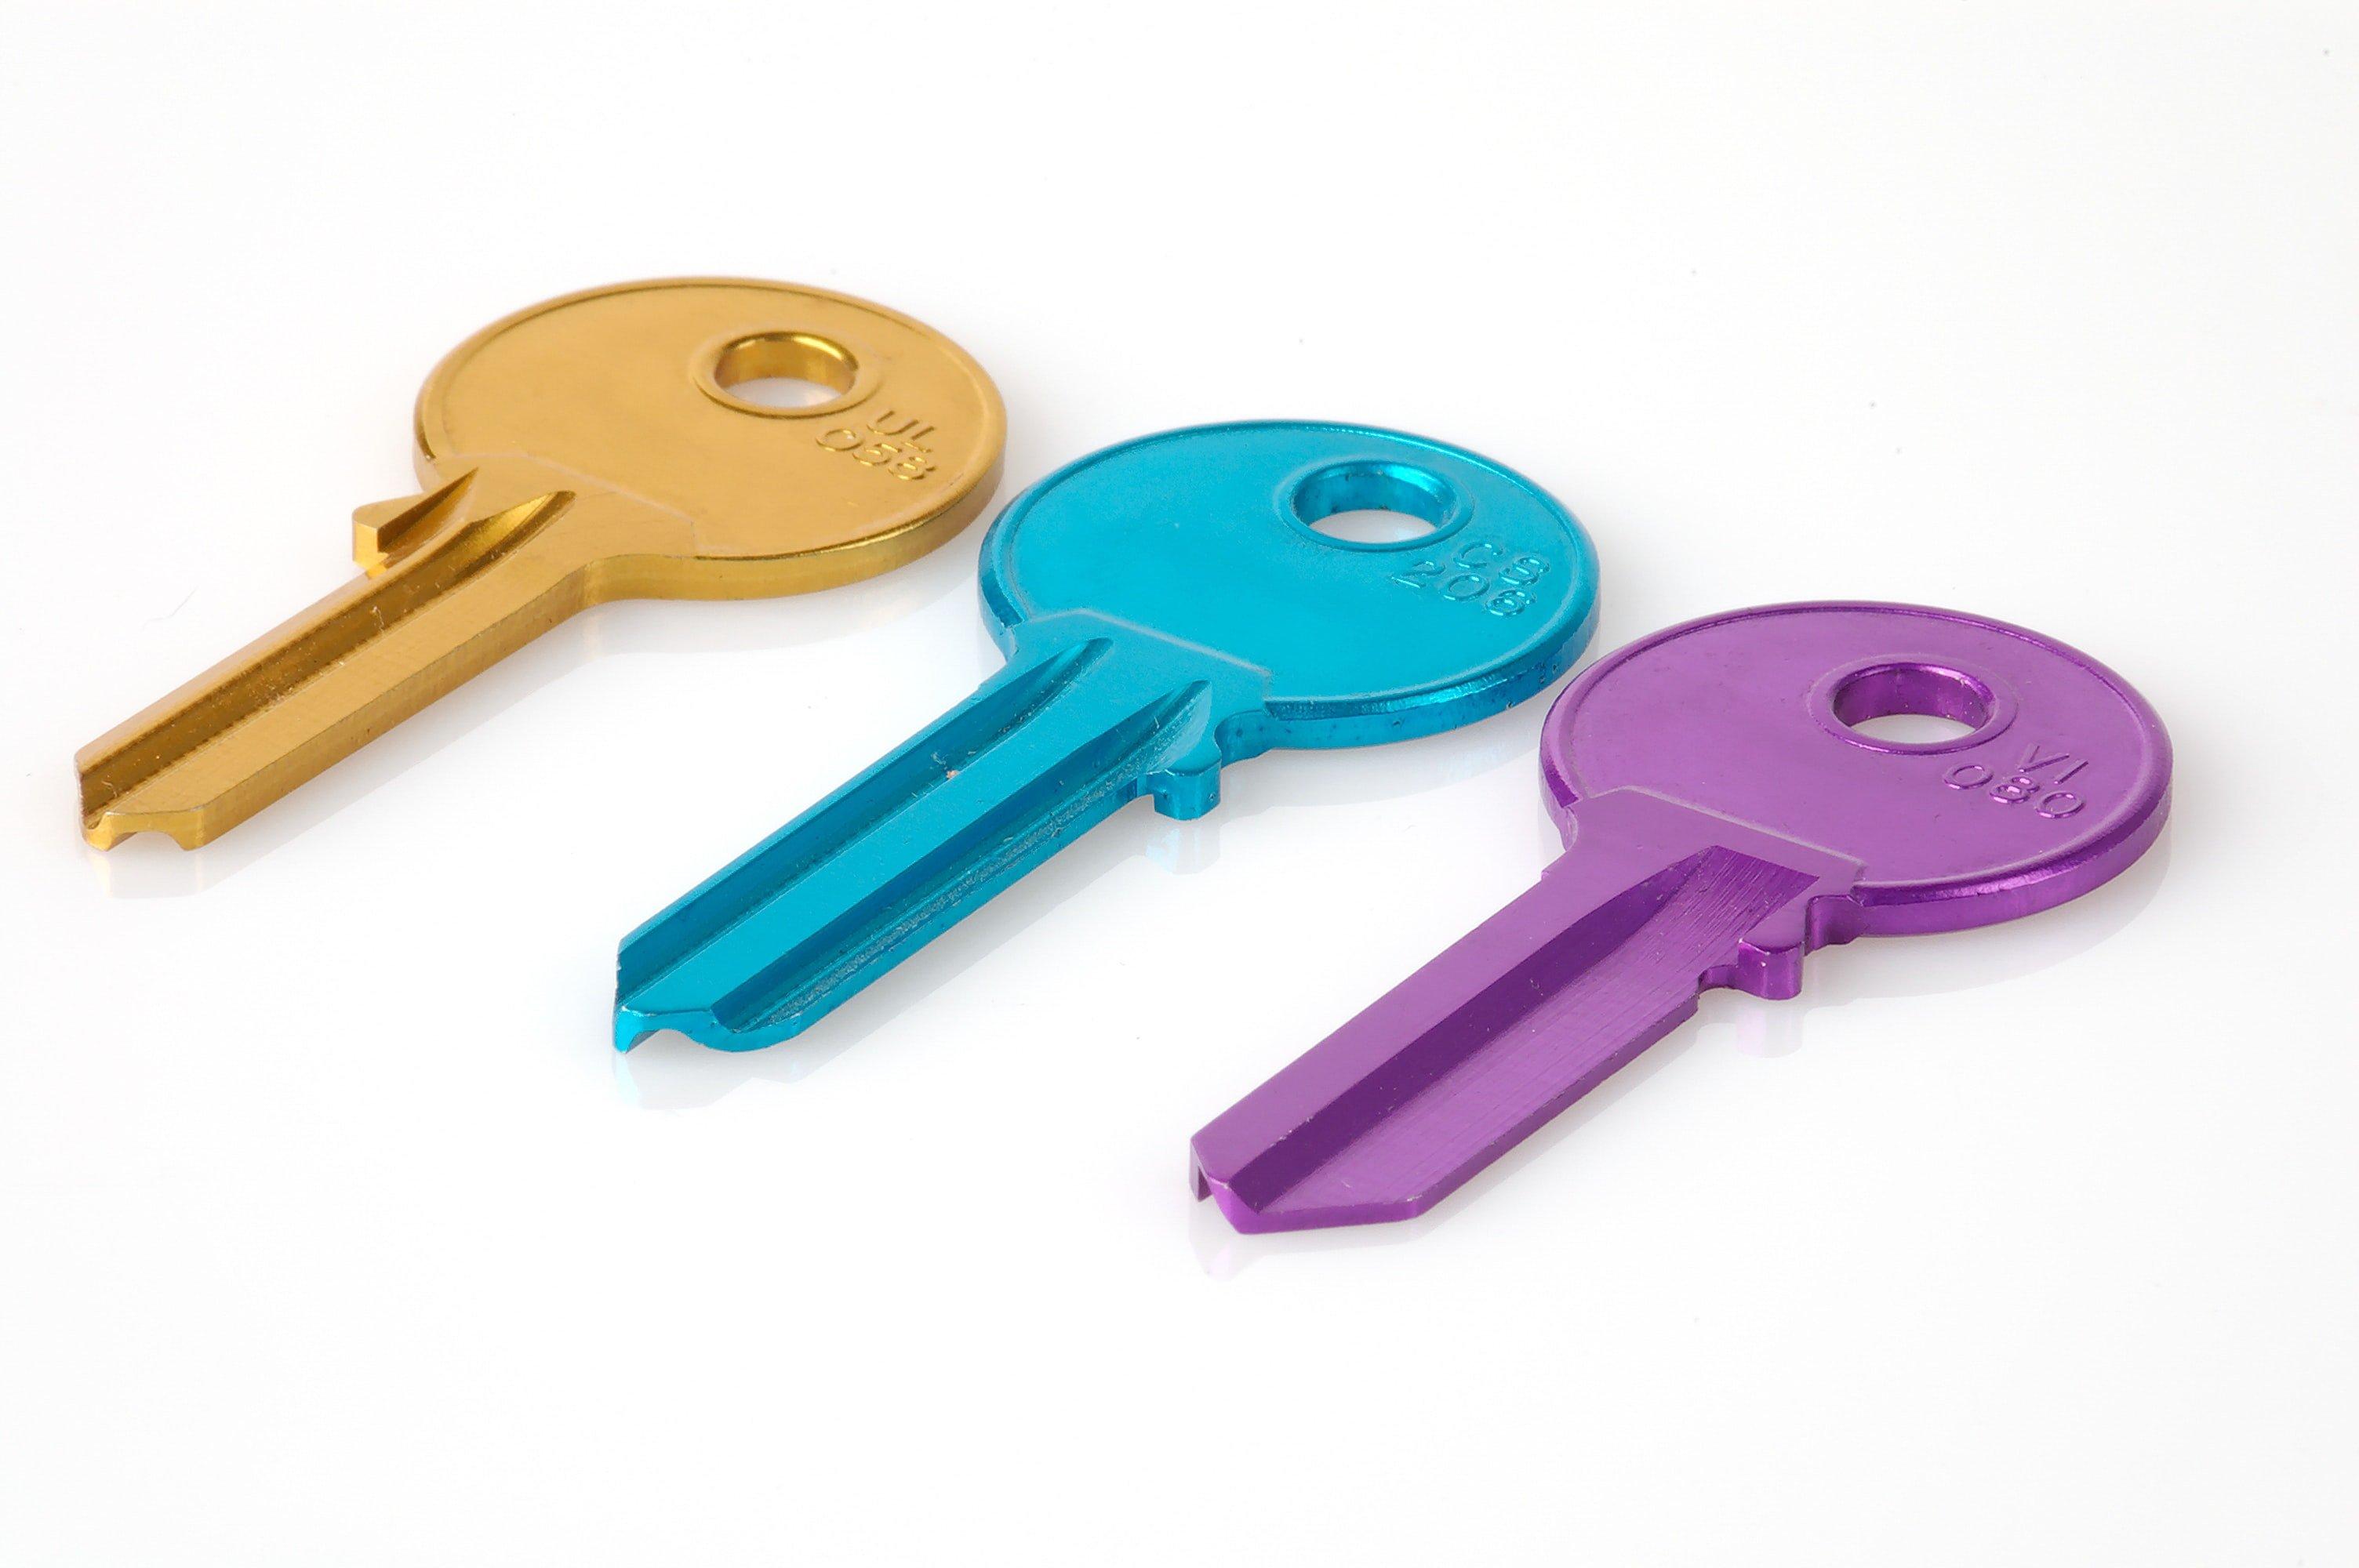 Many Tenants' Keys